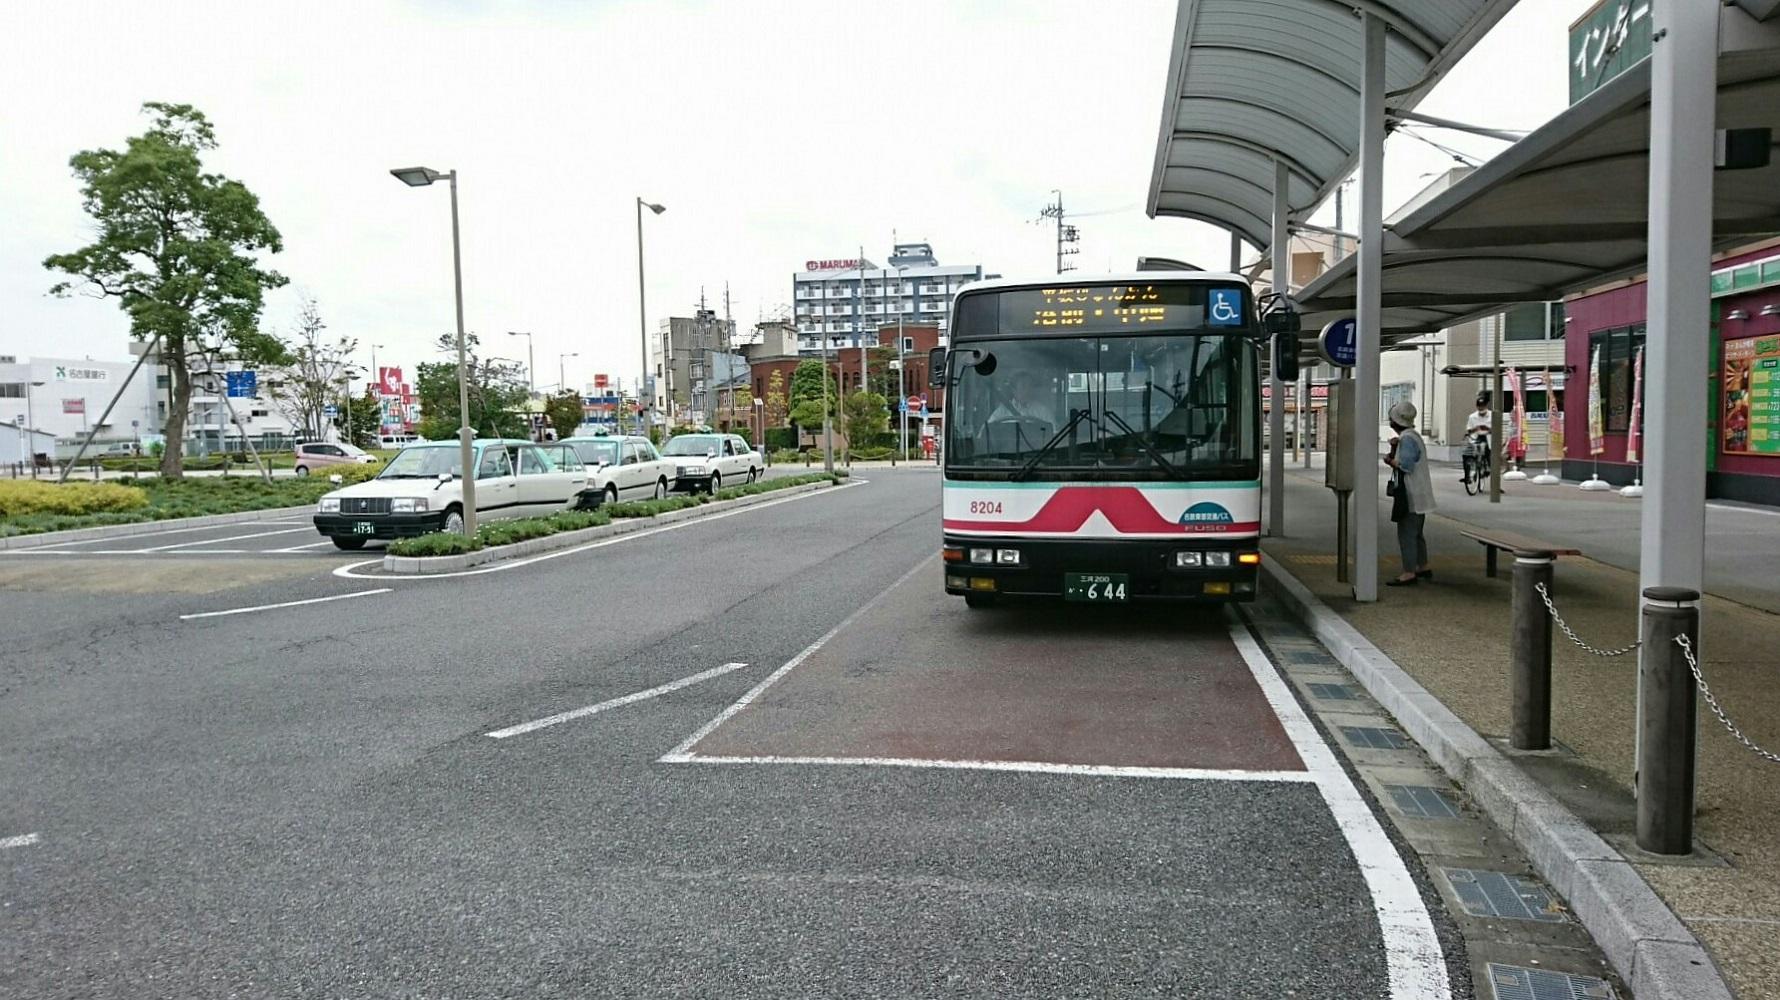 2017.9.27 平坂 (20) 西尾 - 平坂・中畑線バス 1780-1000